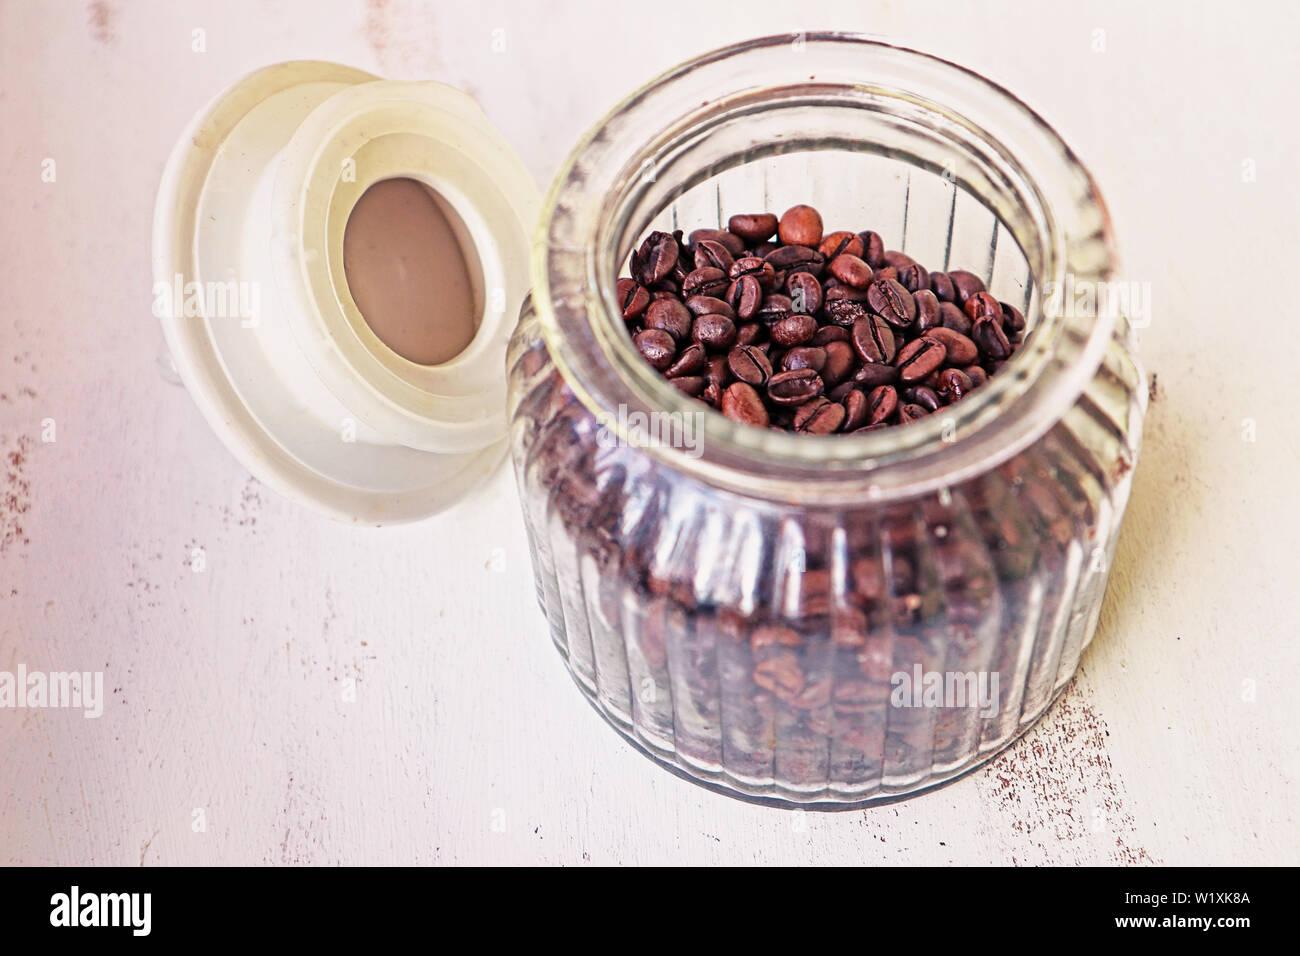 Les grains de café torréfié en vase en verre sur la table de cuisine Banque D'Images